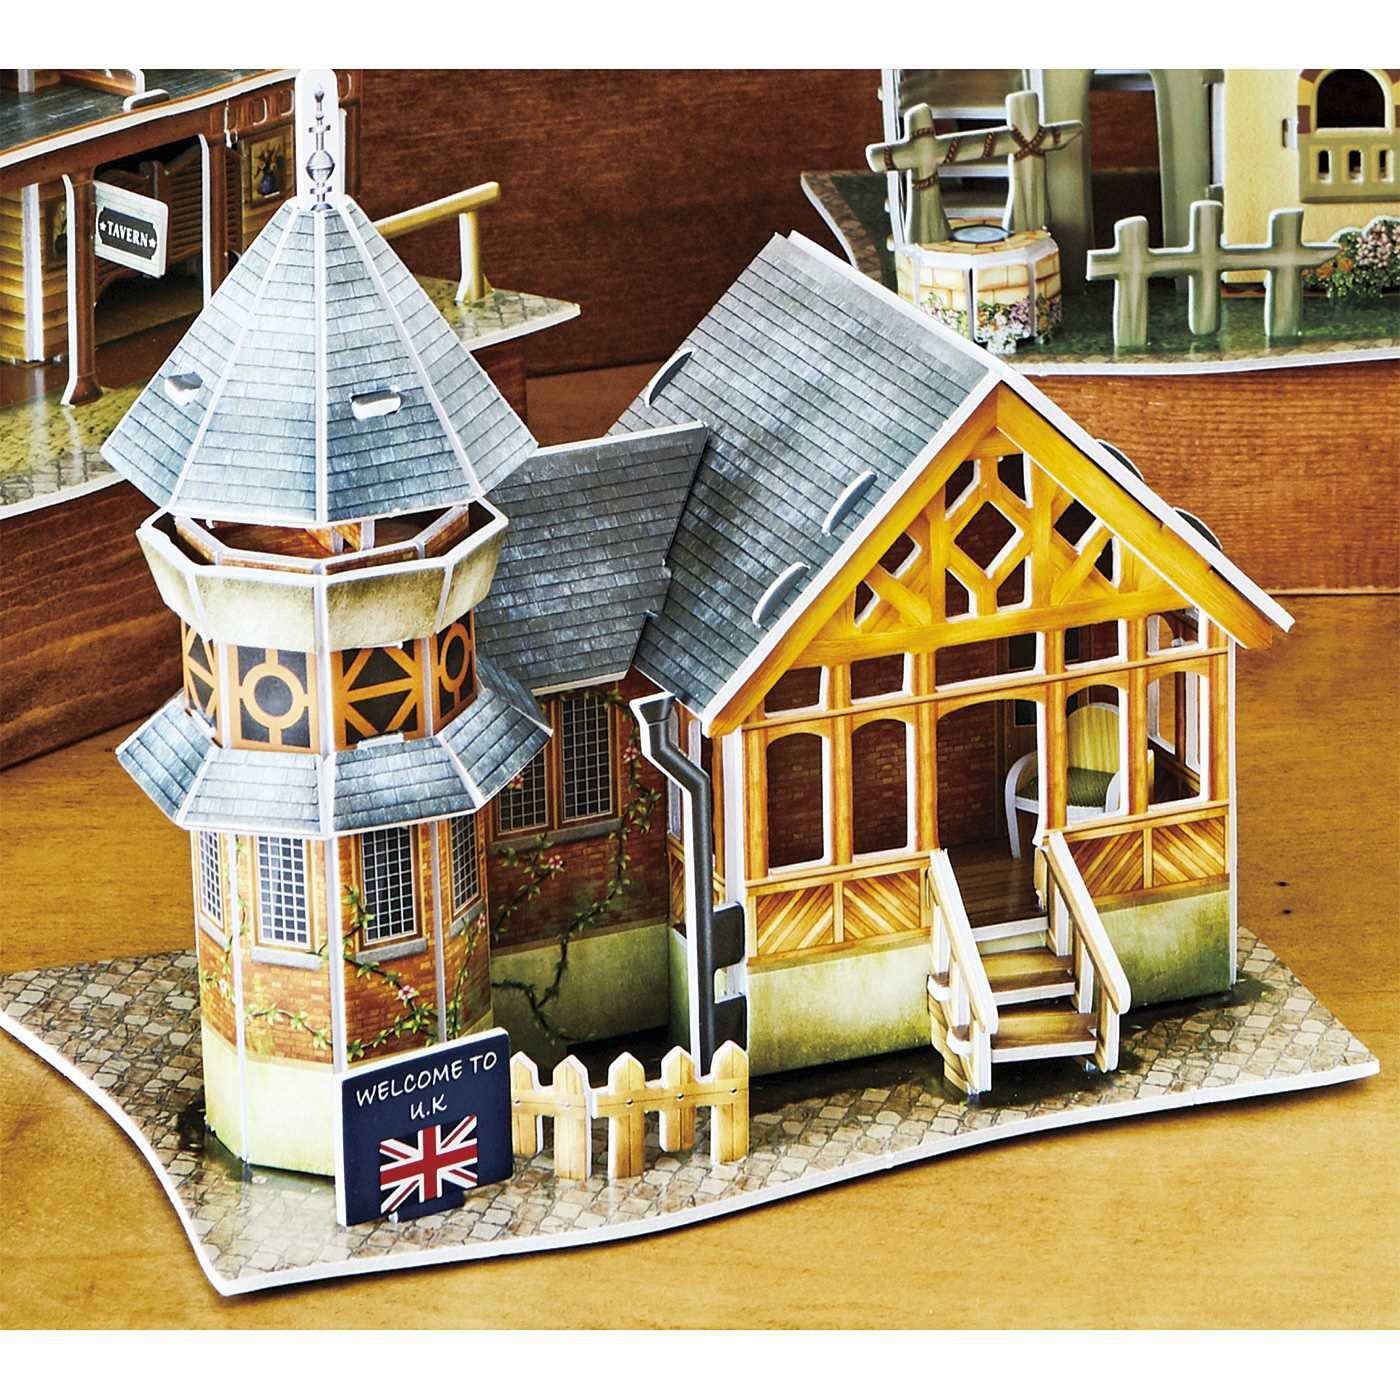 いつかは行ってみたい世界の街並みが作れる 3Dクラフトモデルの会